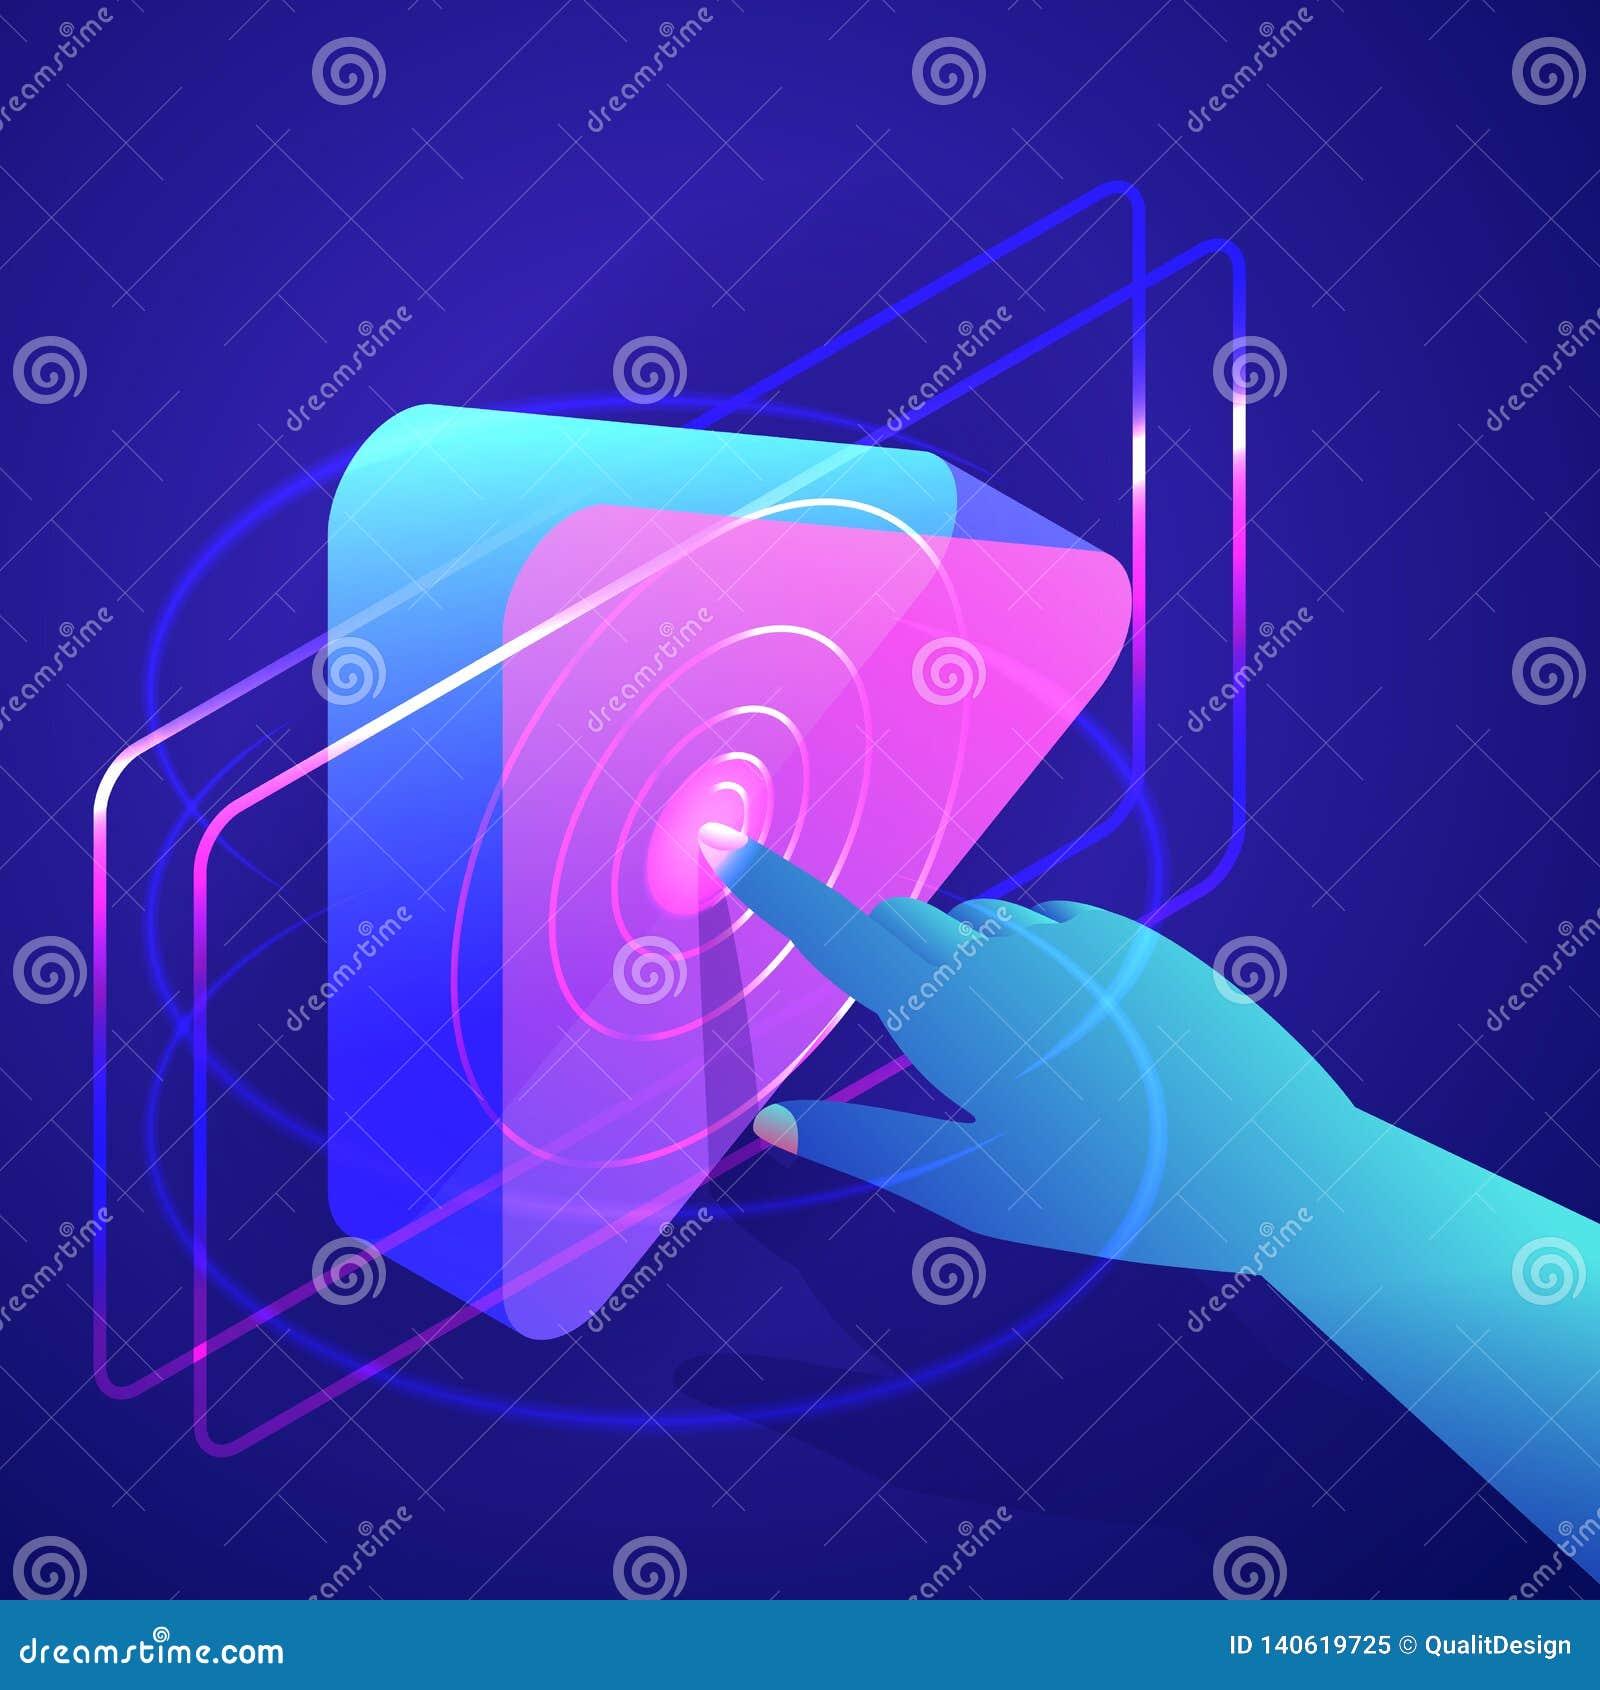 Bouton humain de jeu de presse de main Vidéo, interface de media player de musique Illustration isométrique au néon des gradients